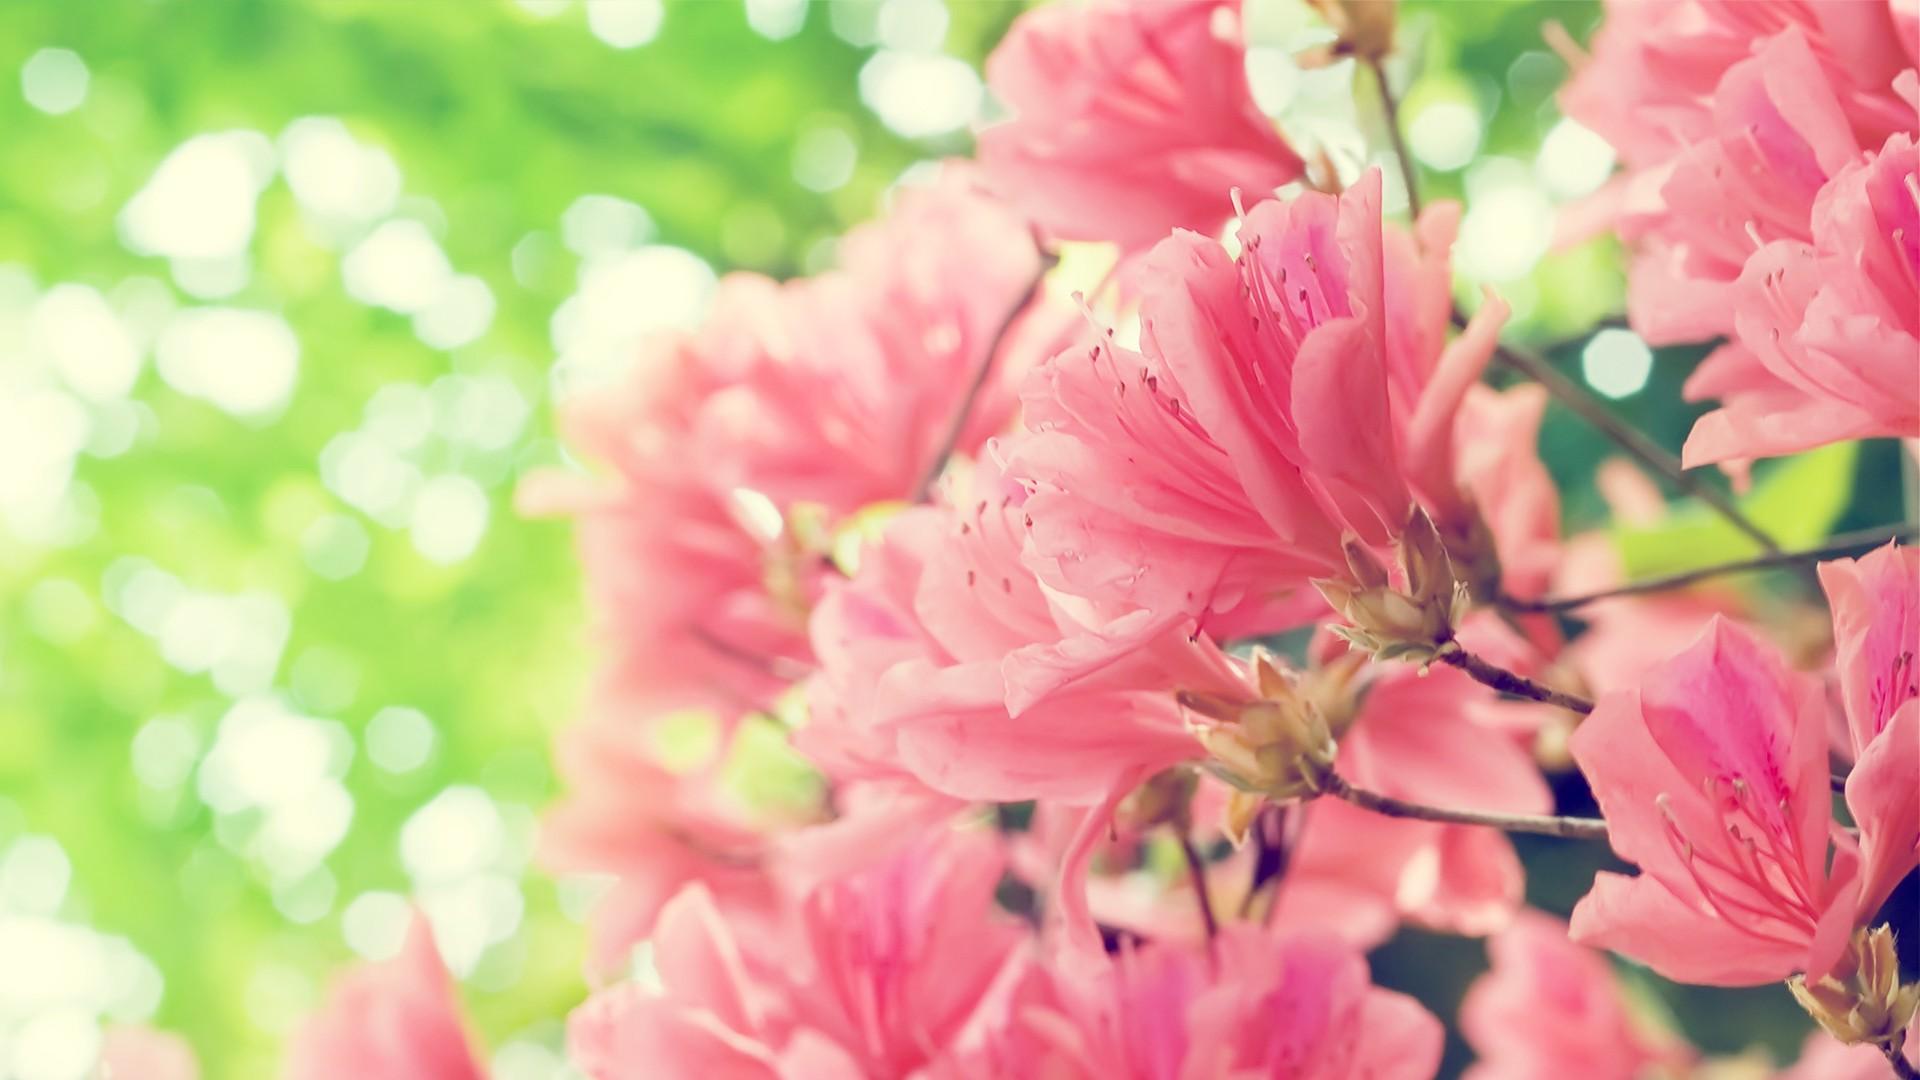 வால்பேப்பர்கள் ( flowers wallpapers ) - Page 19 Amazing_Flowers_Wallpapers_53